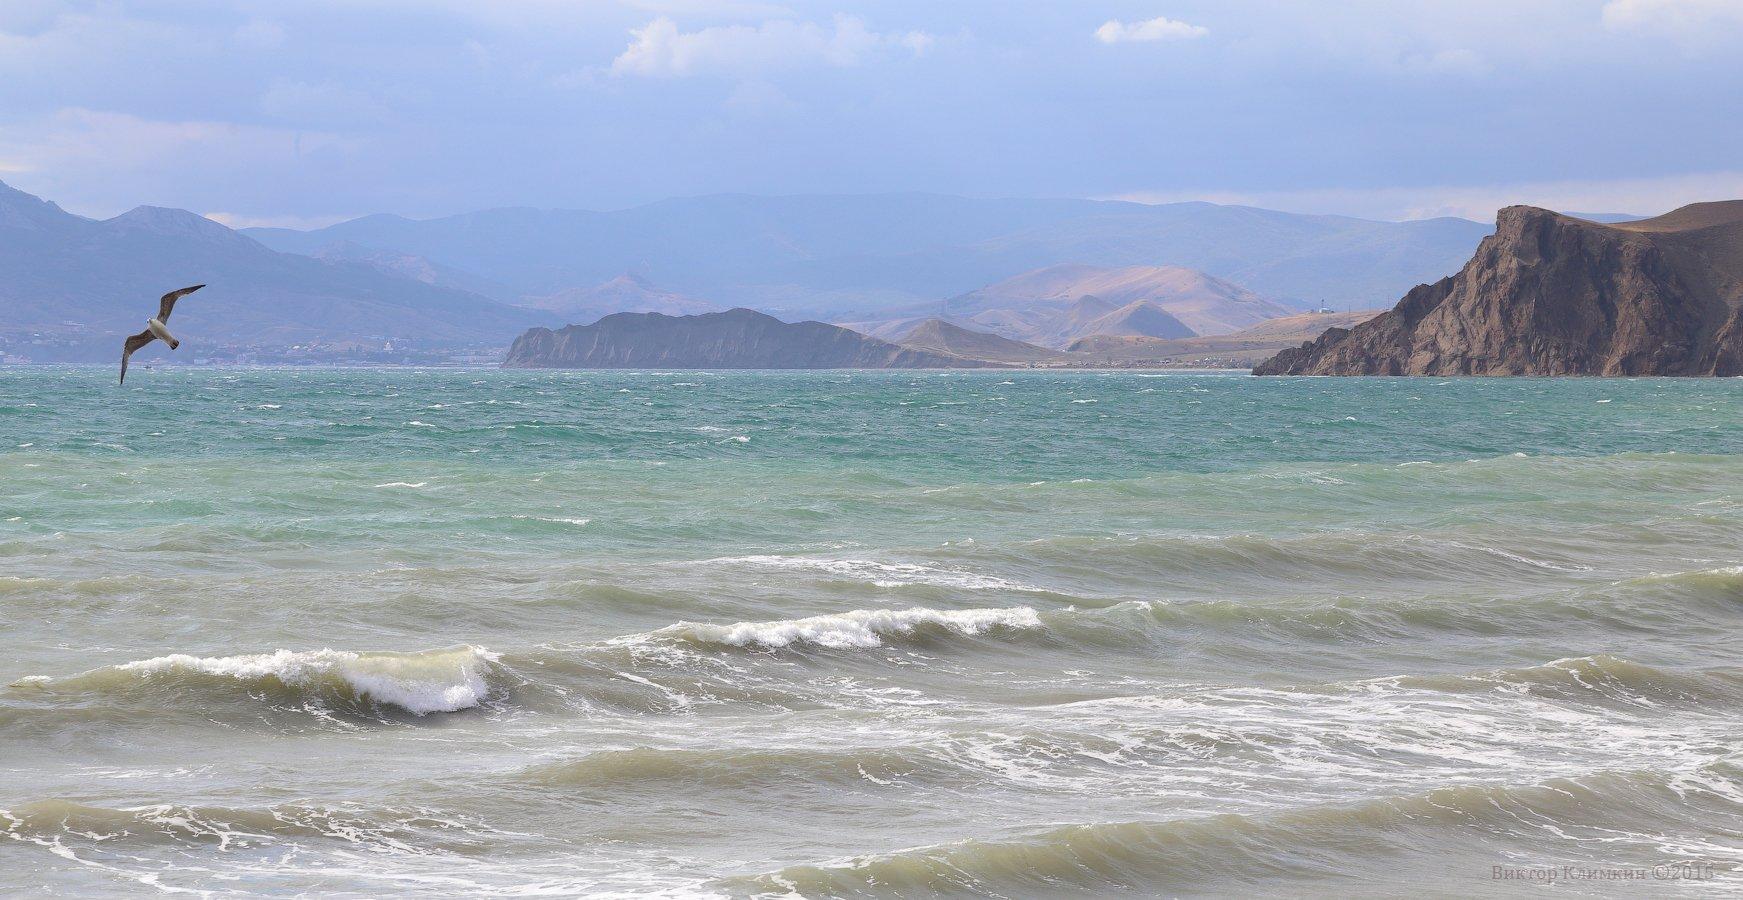 волны, горы, коктебель, крым, море, провато, чайка, черное море, Виктор Климкин